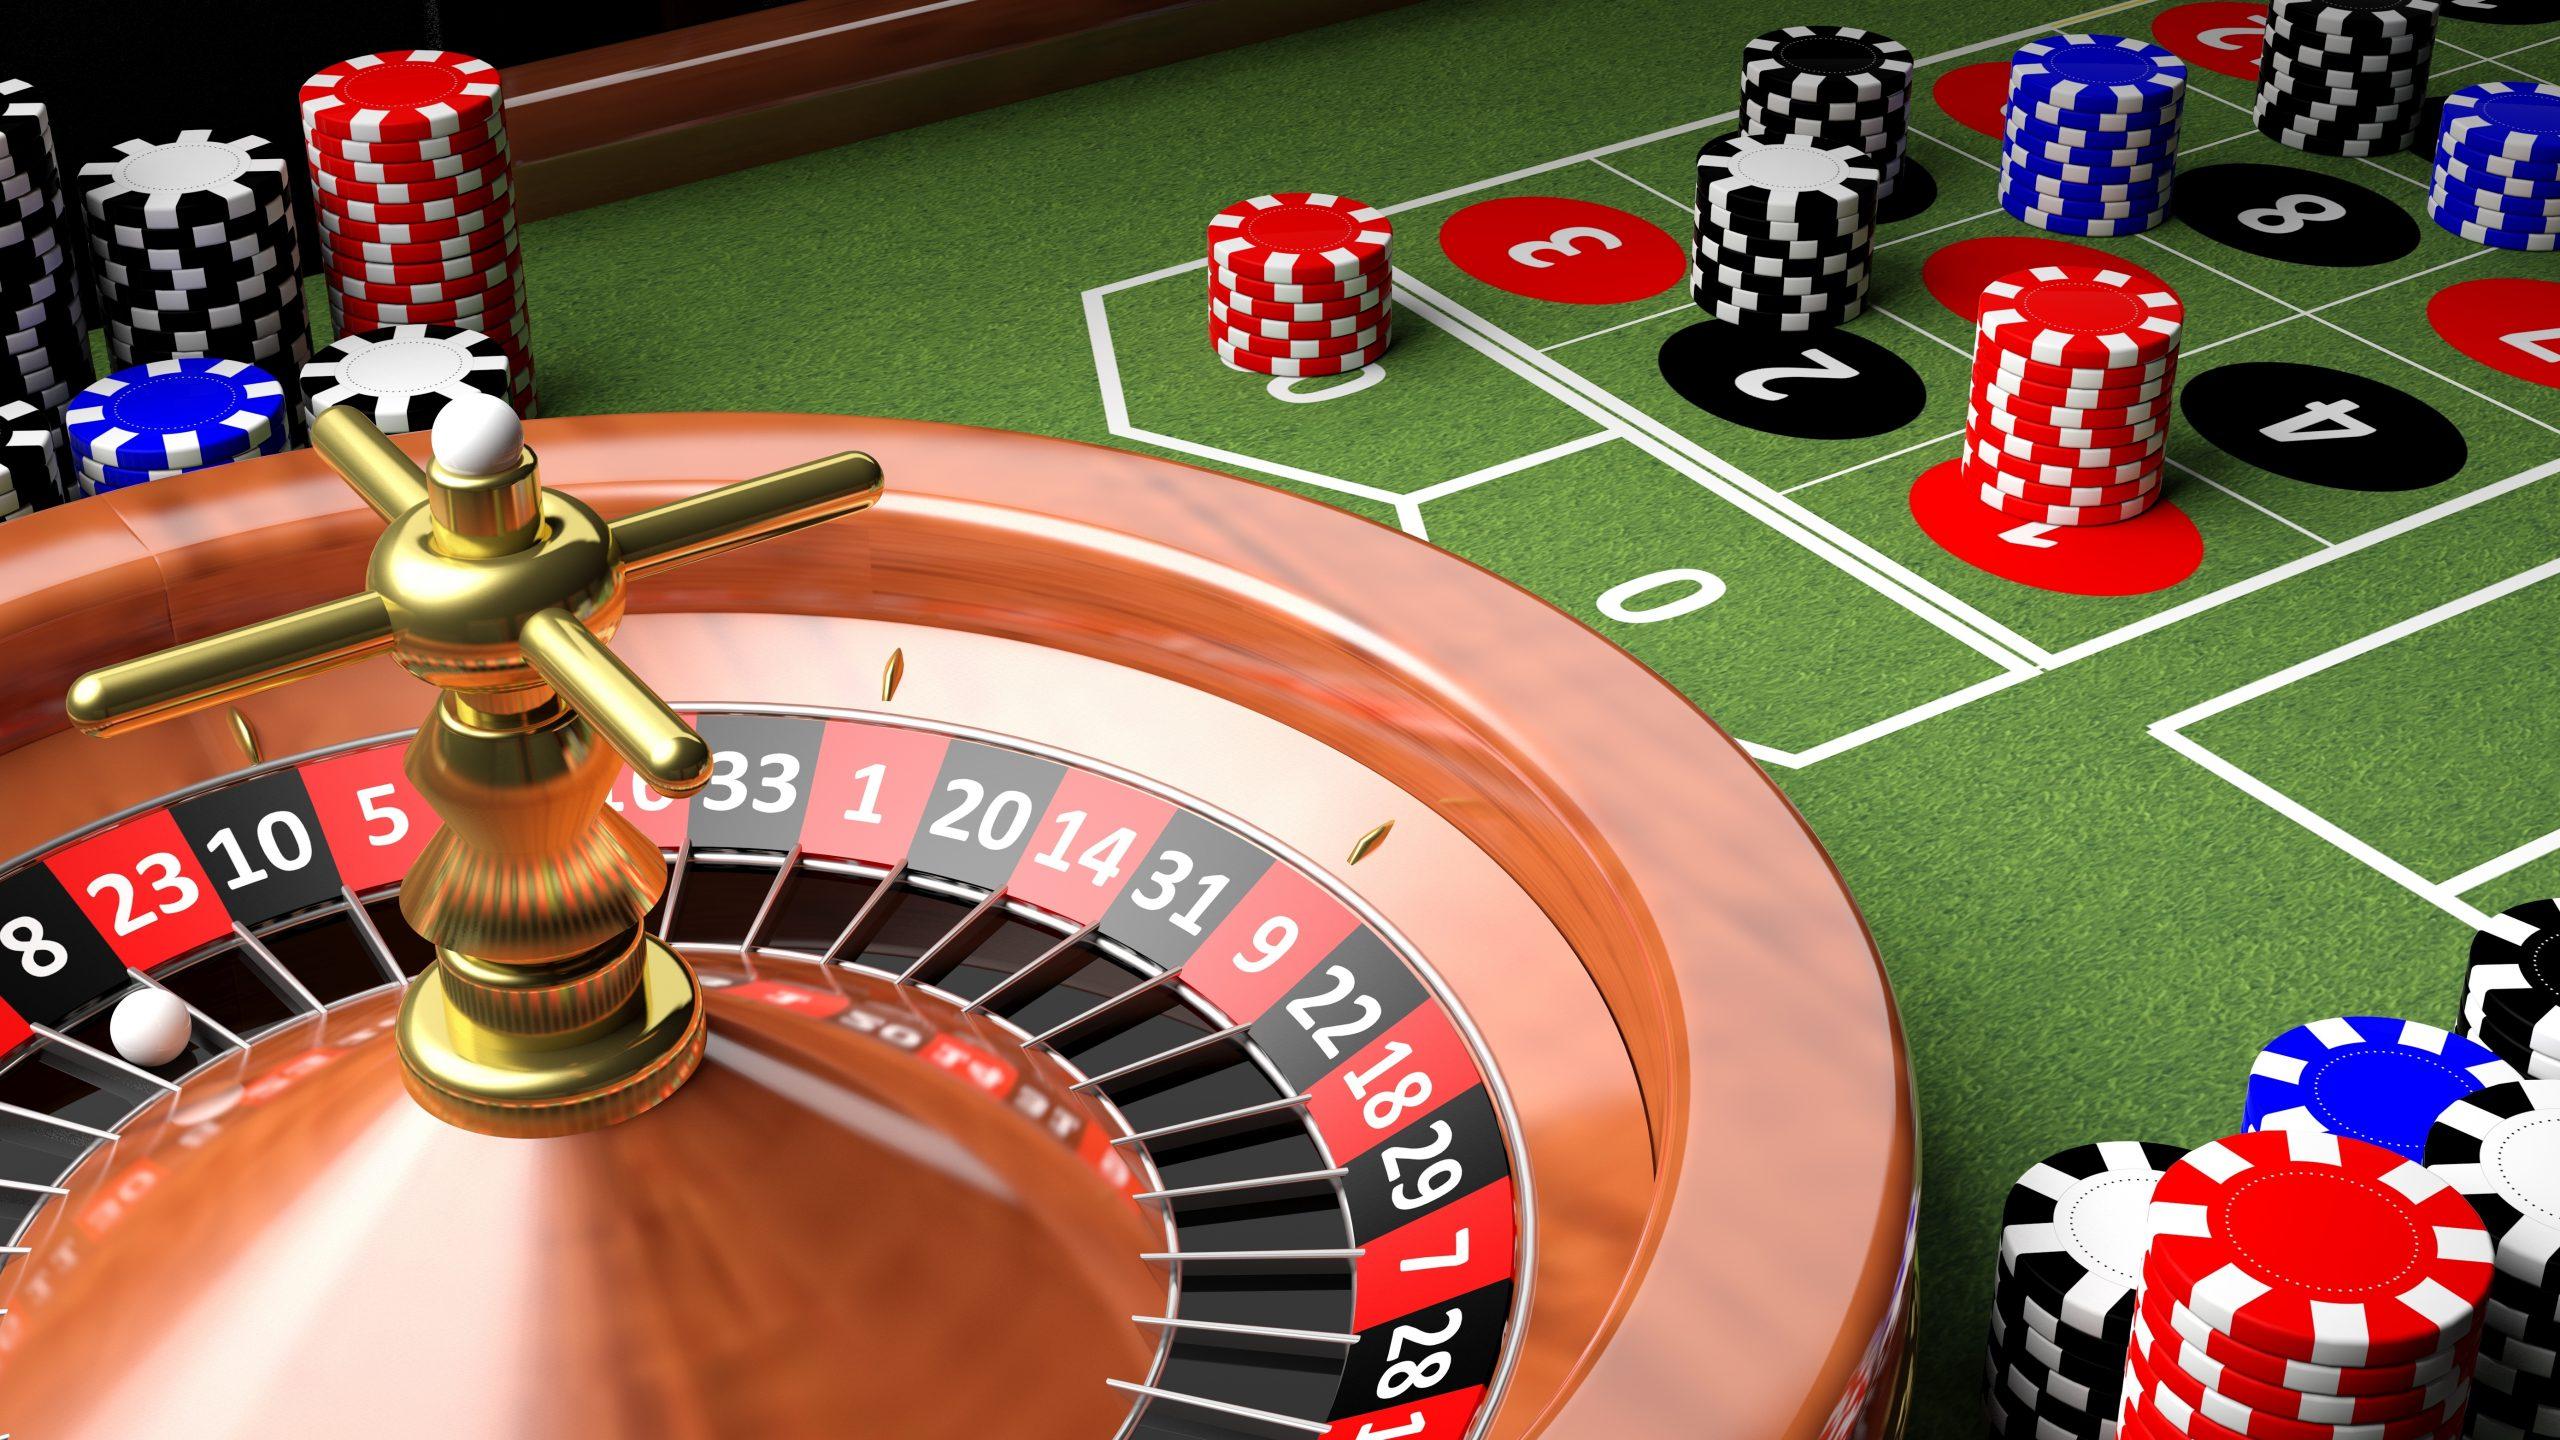 Tout Les Jeux Au Casino - Niramadortiohard avec Jeux De Tout Gratuit